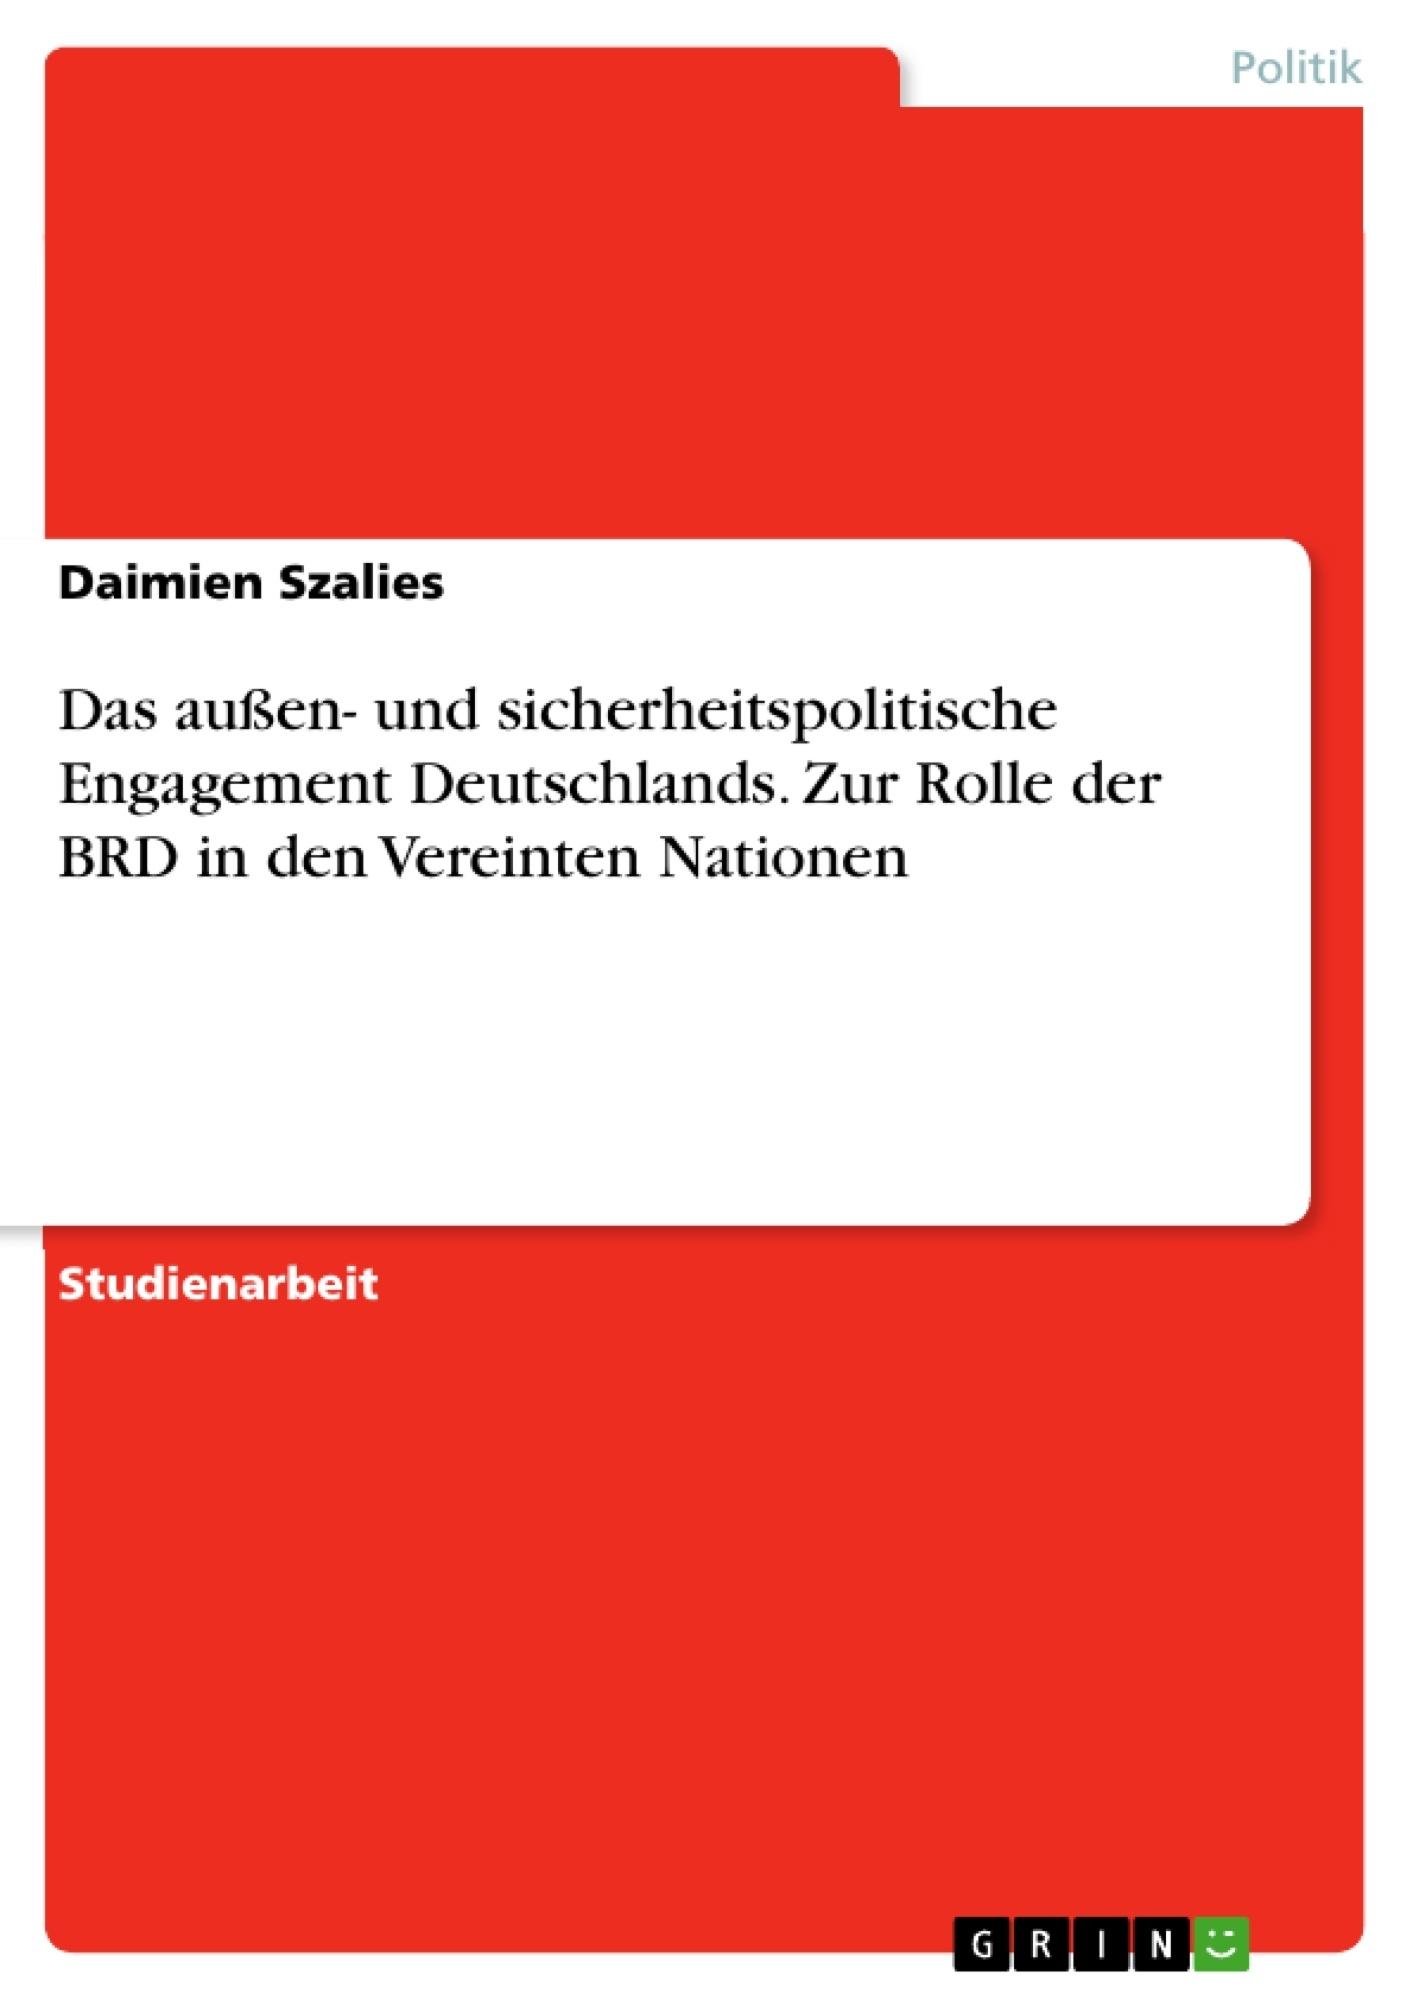 Titel: Das außen- und sicherheitspolitische Engagement Deutschlands. Zur Rolle der BRD in den Vereinten Nationen